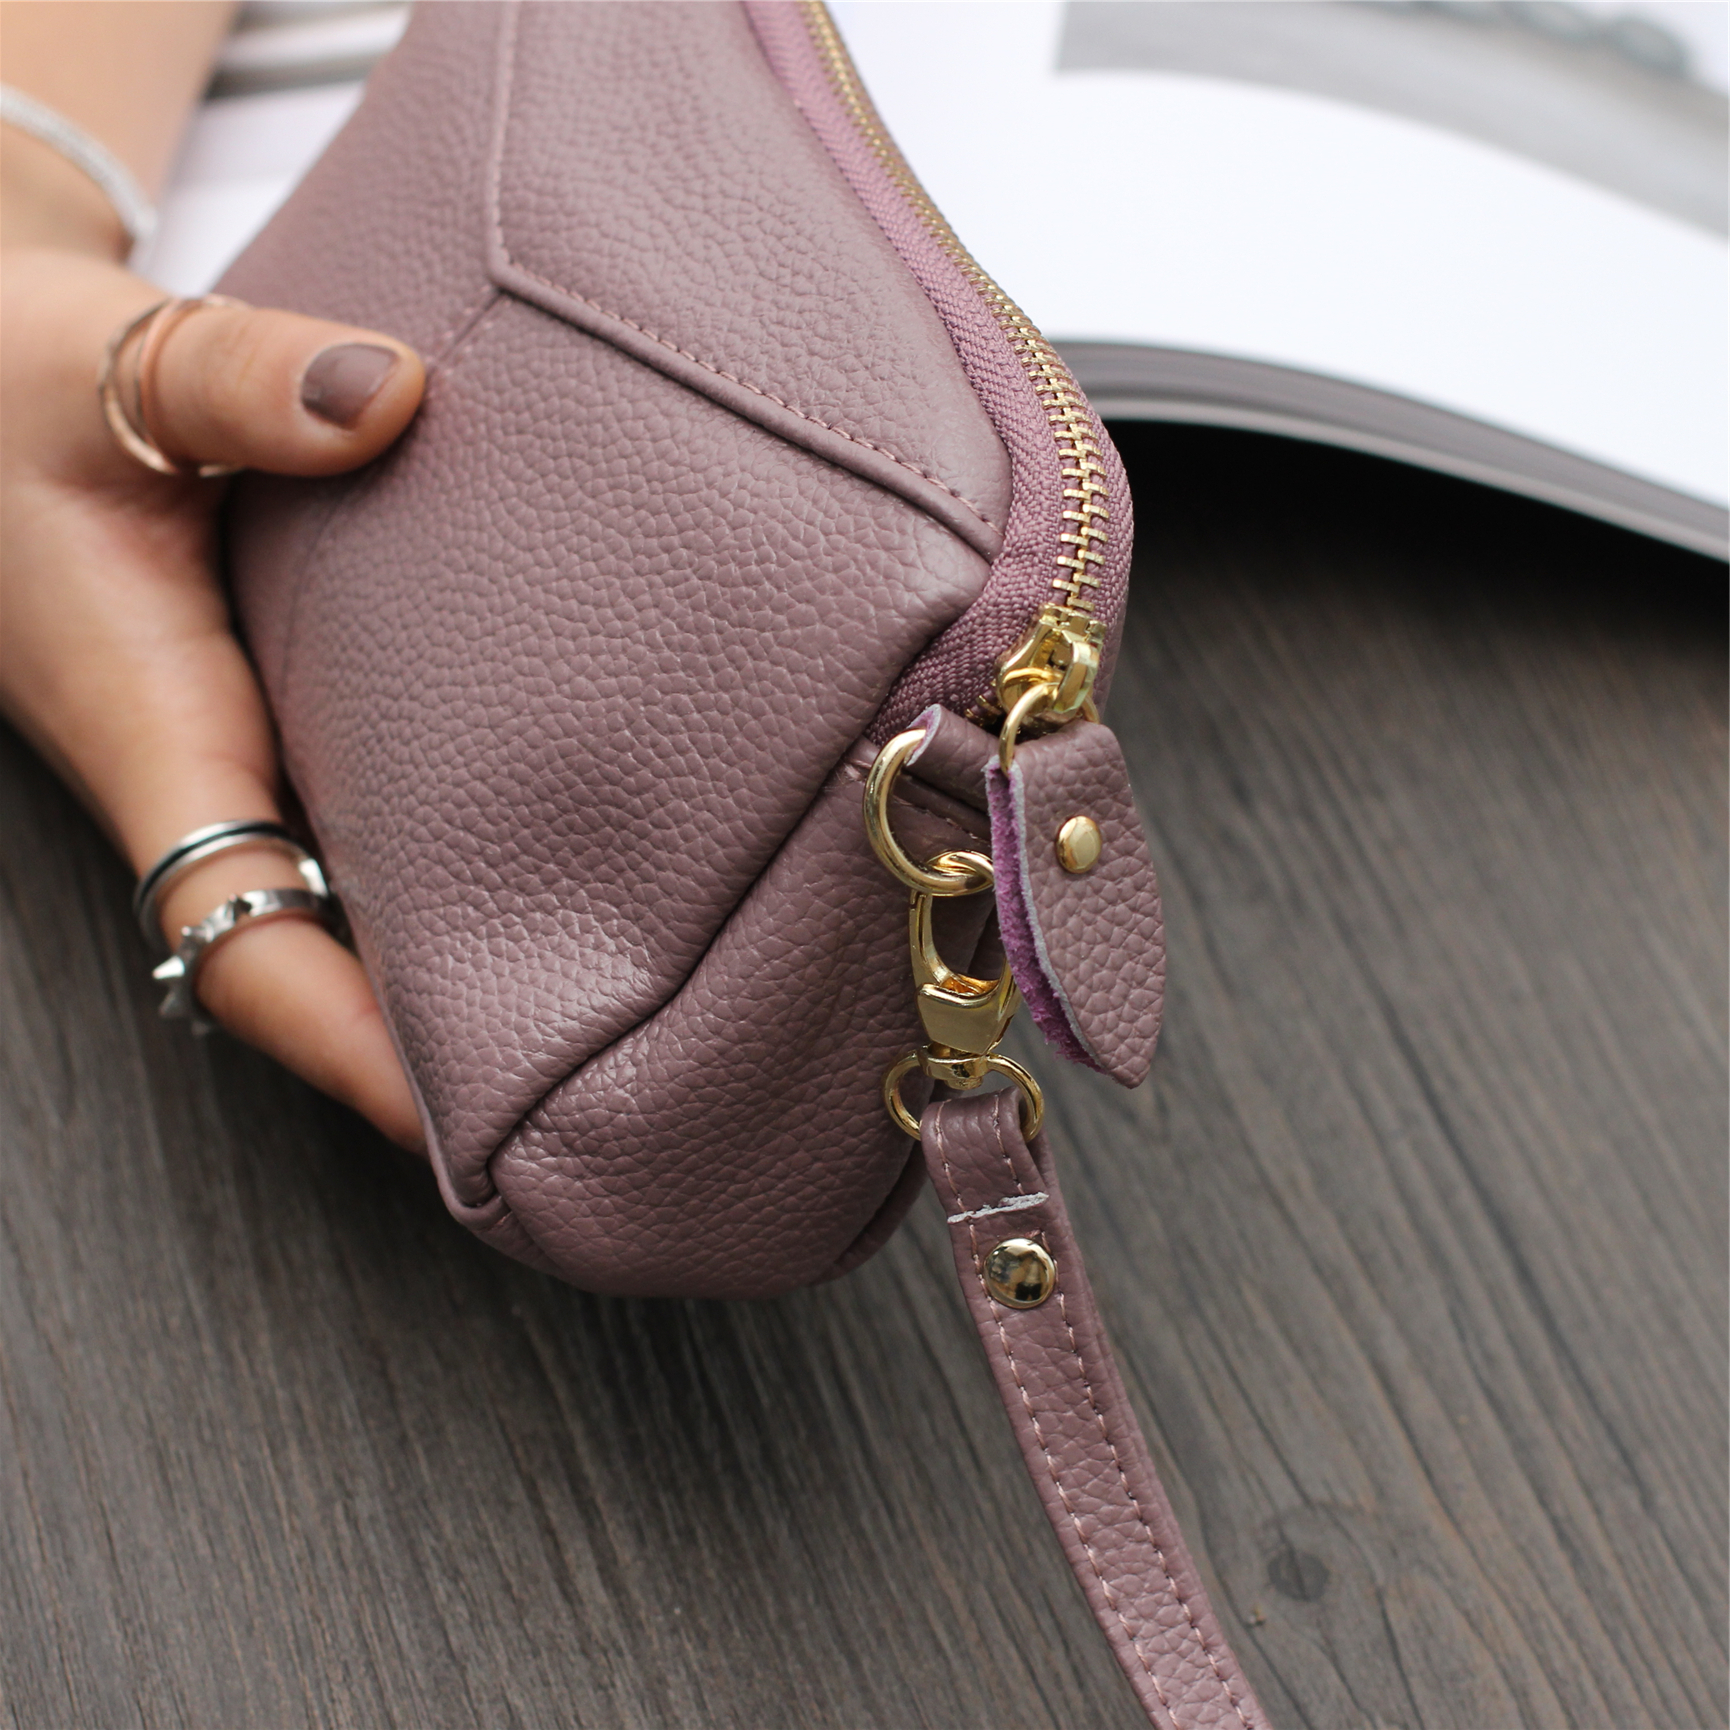 新款大容量软皮女士手拎小包休闲时尚简约纯色长款女式钱包化妆包1元优惠券